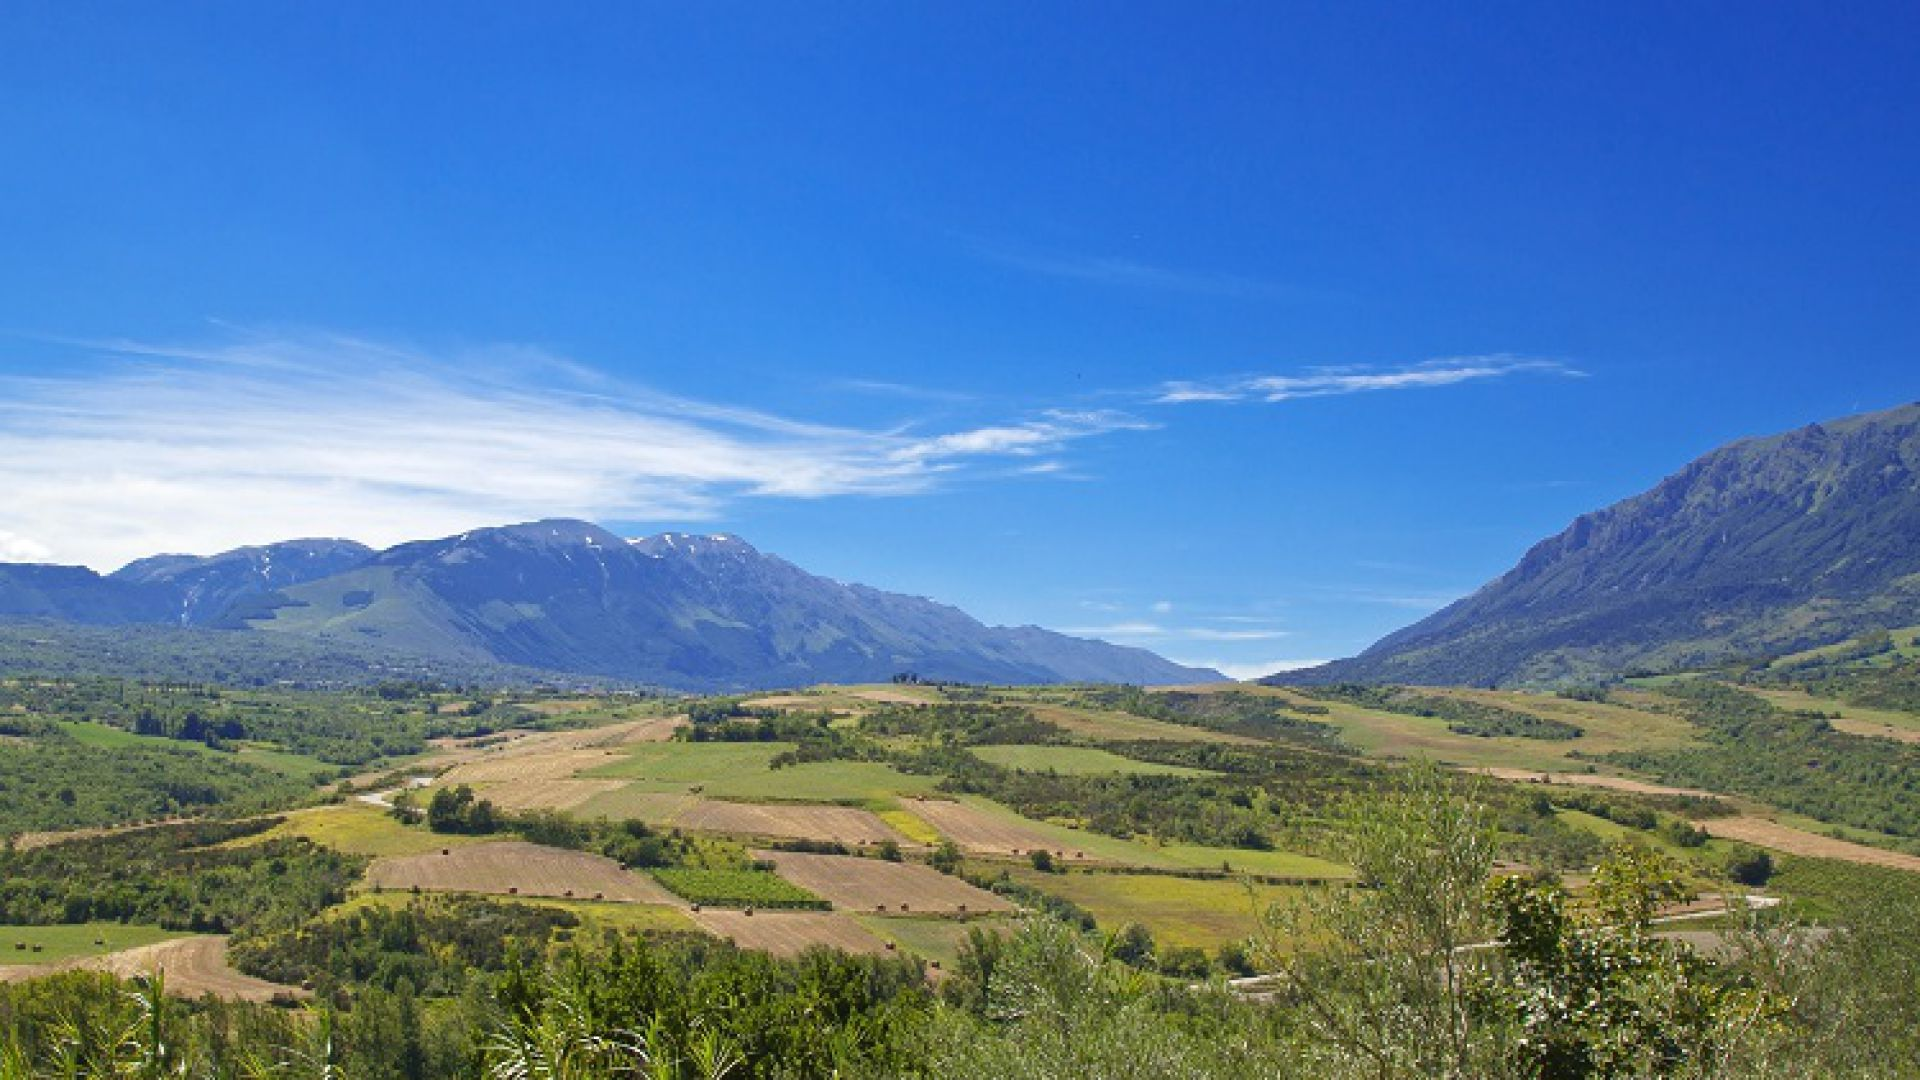 Abruzzo-Majella-Fotolia-68016562.jpg